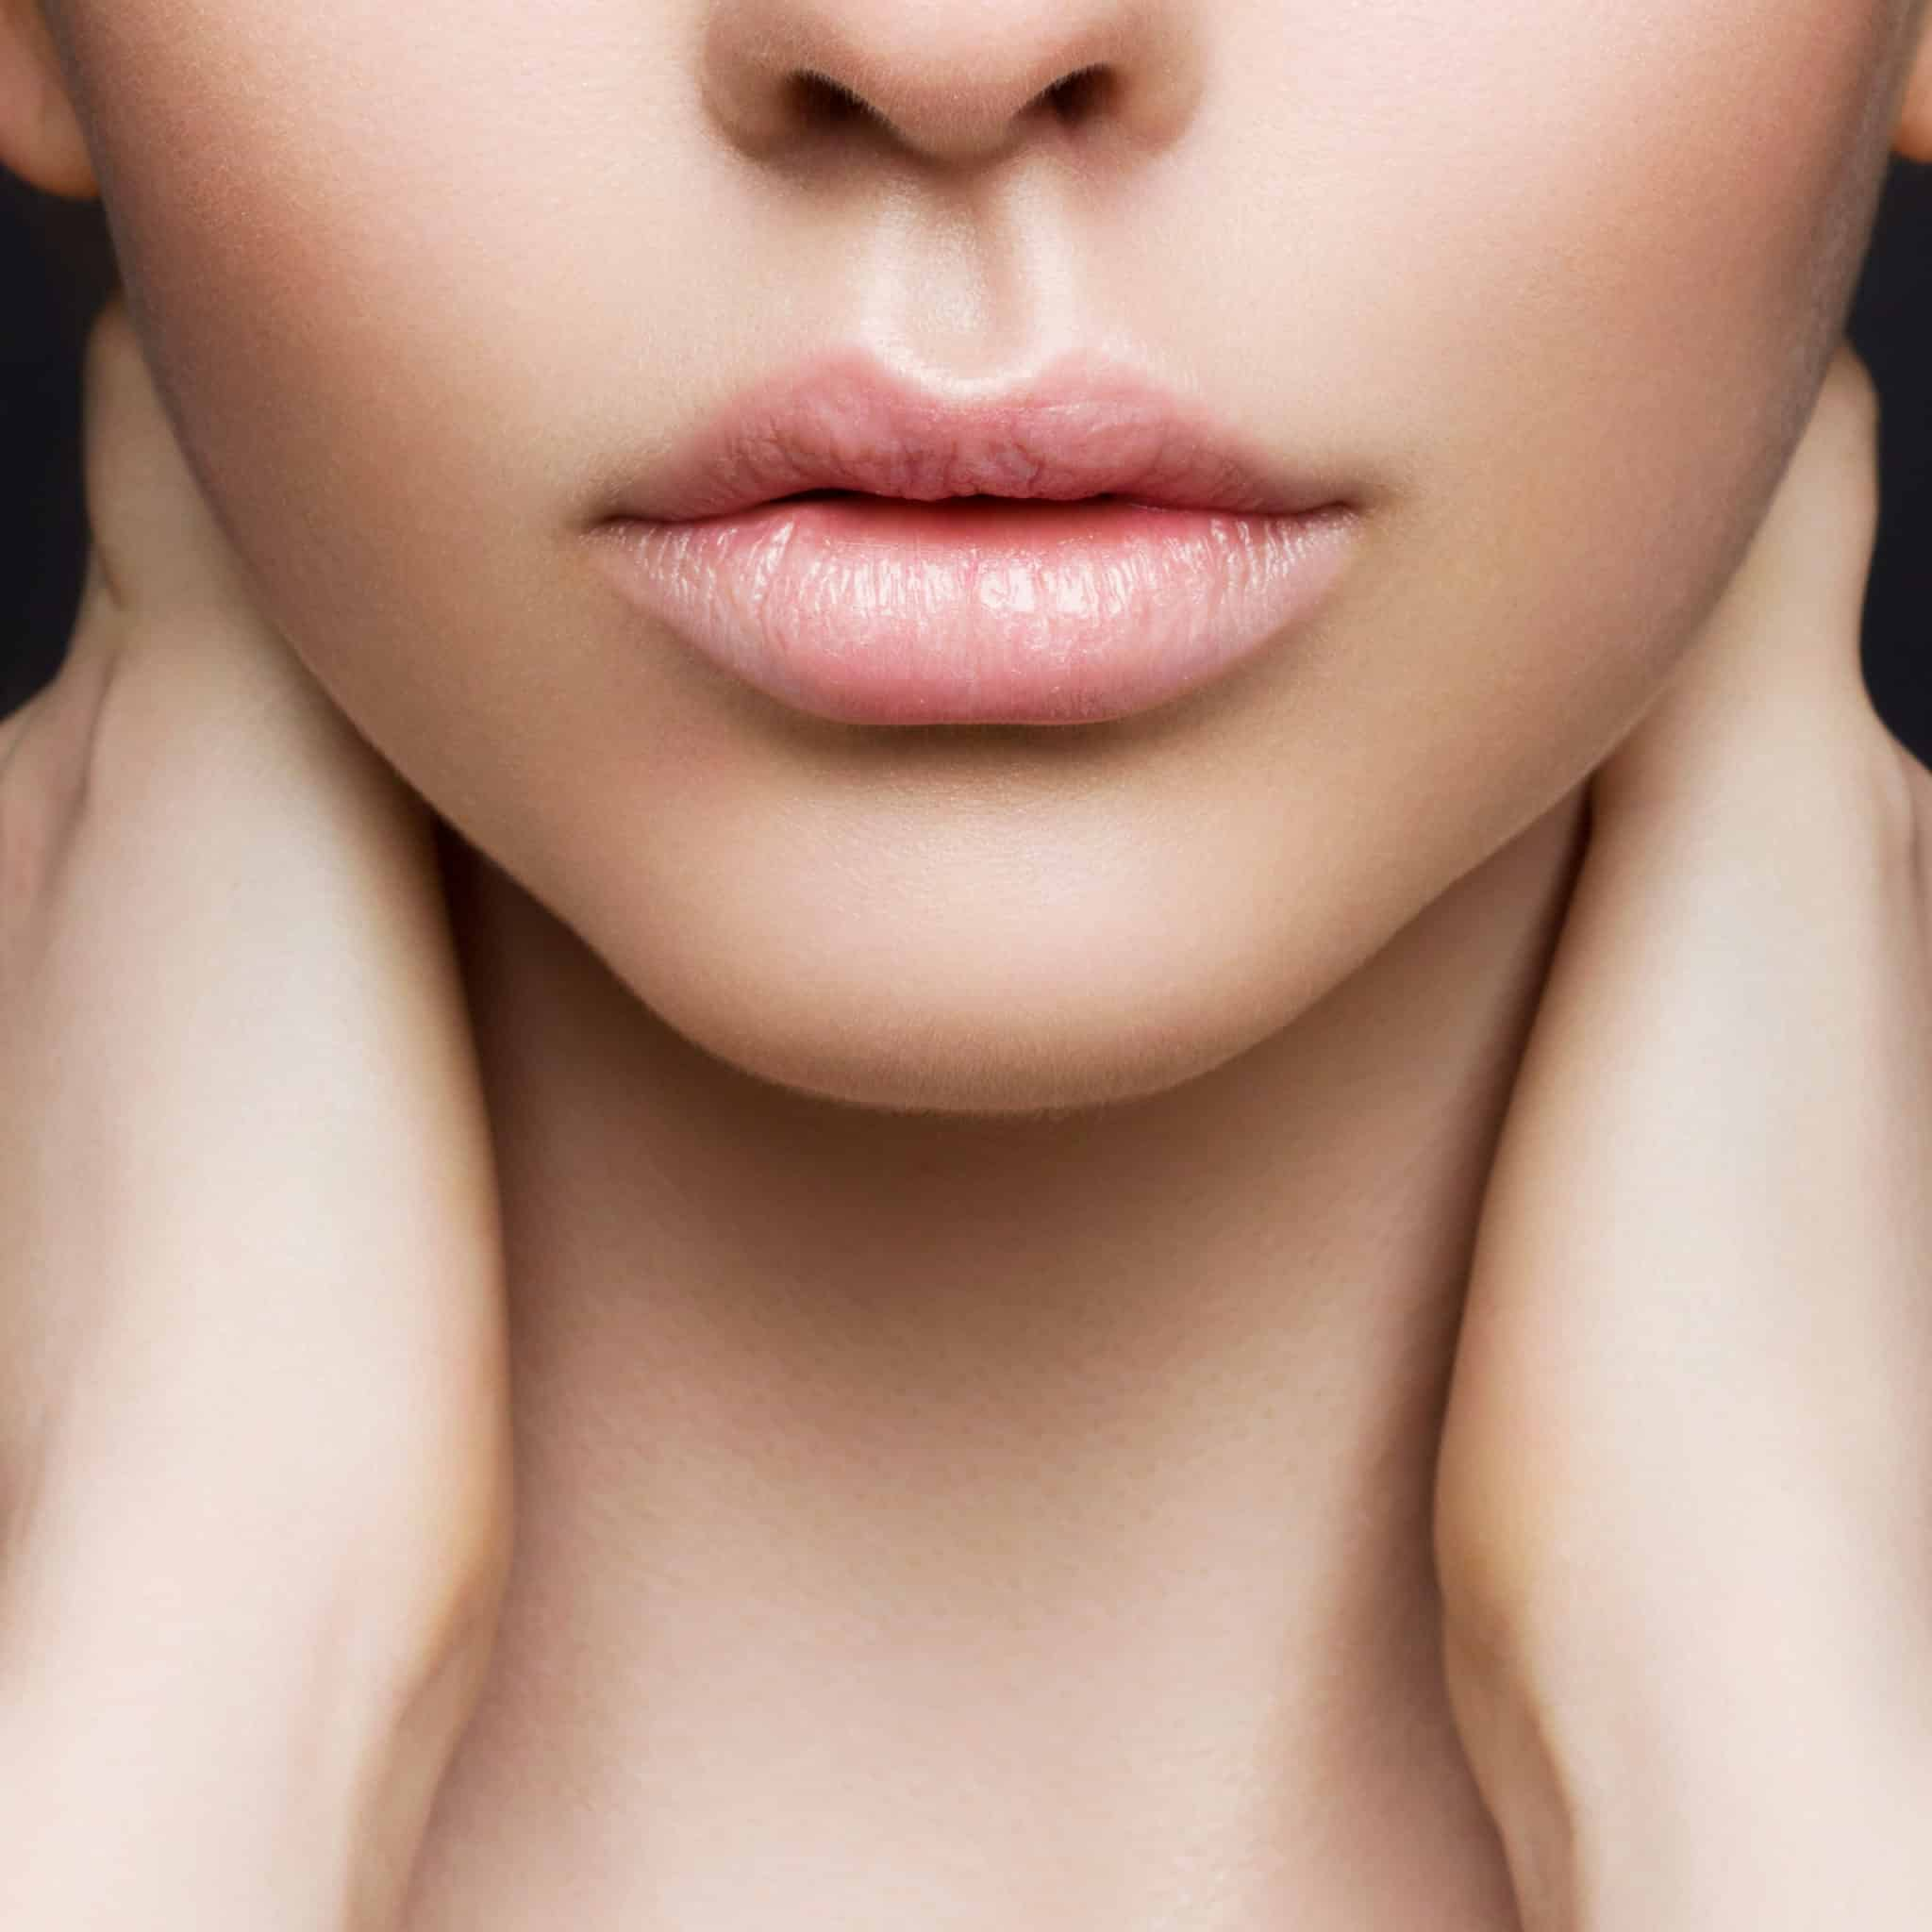 Увеличение губ хирургическим путем